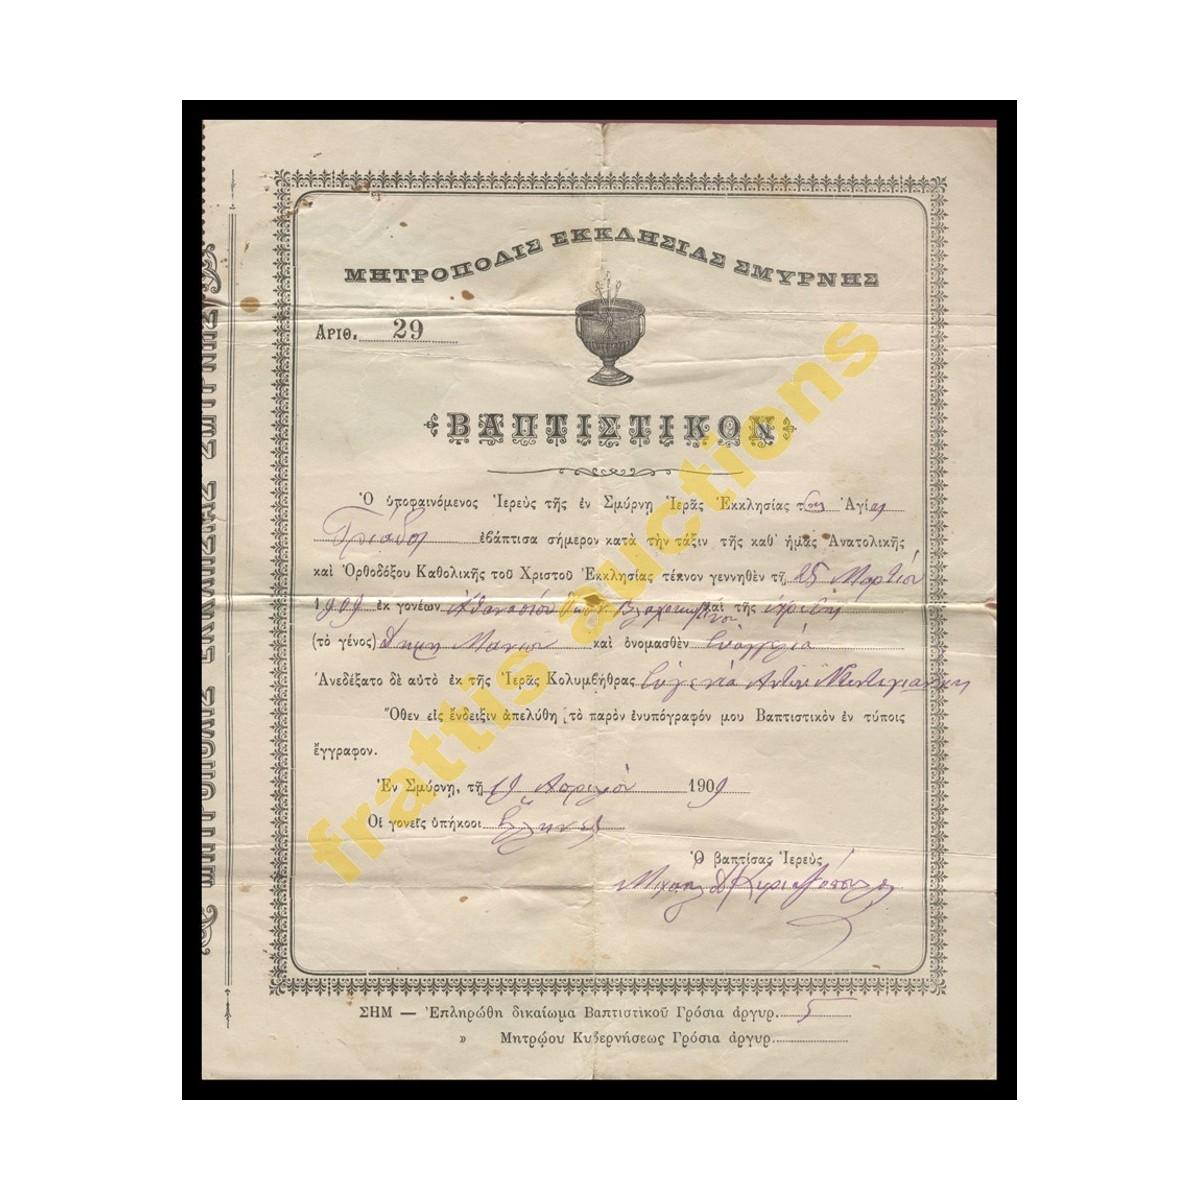 Μητρόπολις Εκκλησίας Σμύρνης. 1909 έγγραφο βάπτισης.